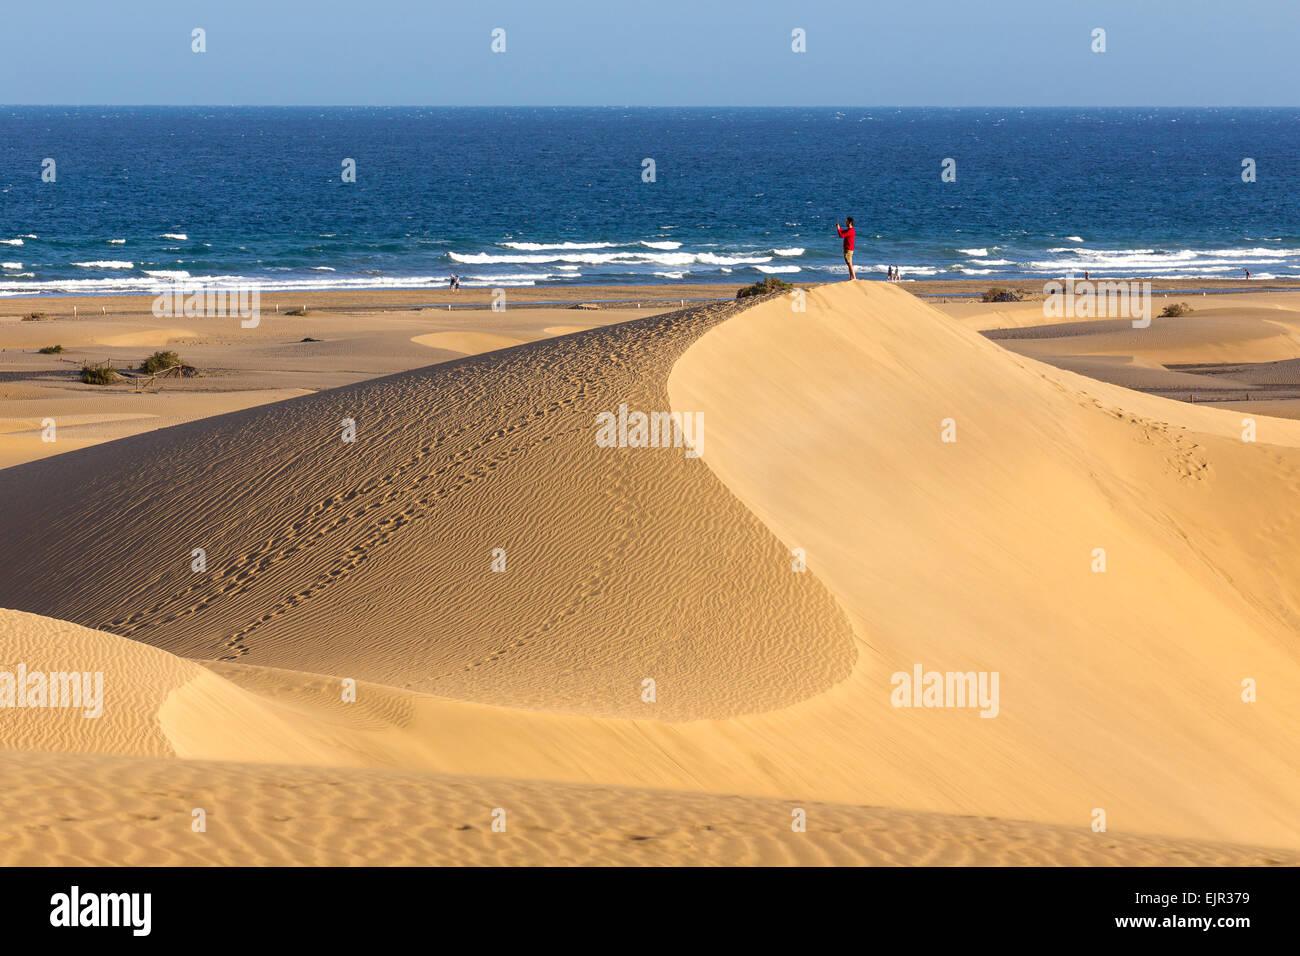 Düne-Strand von Maspalomas, Gran Canaria, Kanarische Inseln, Spanien Stockbild